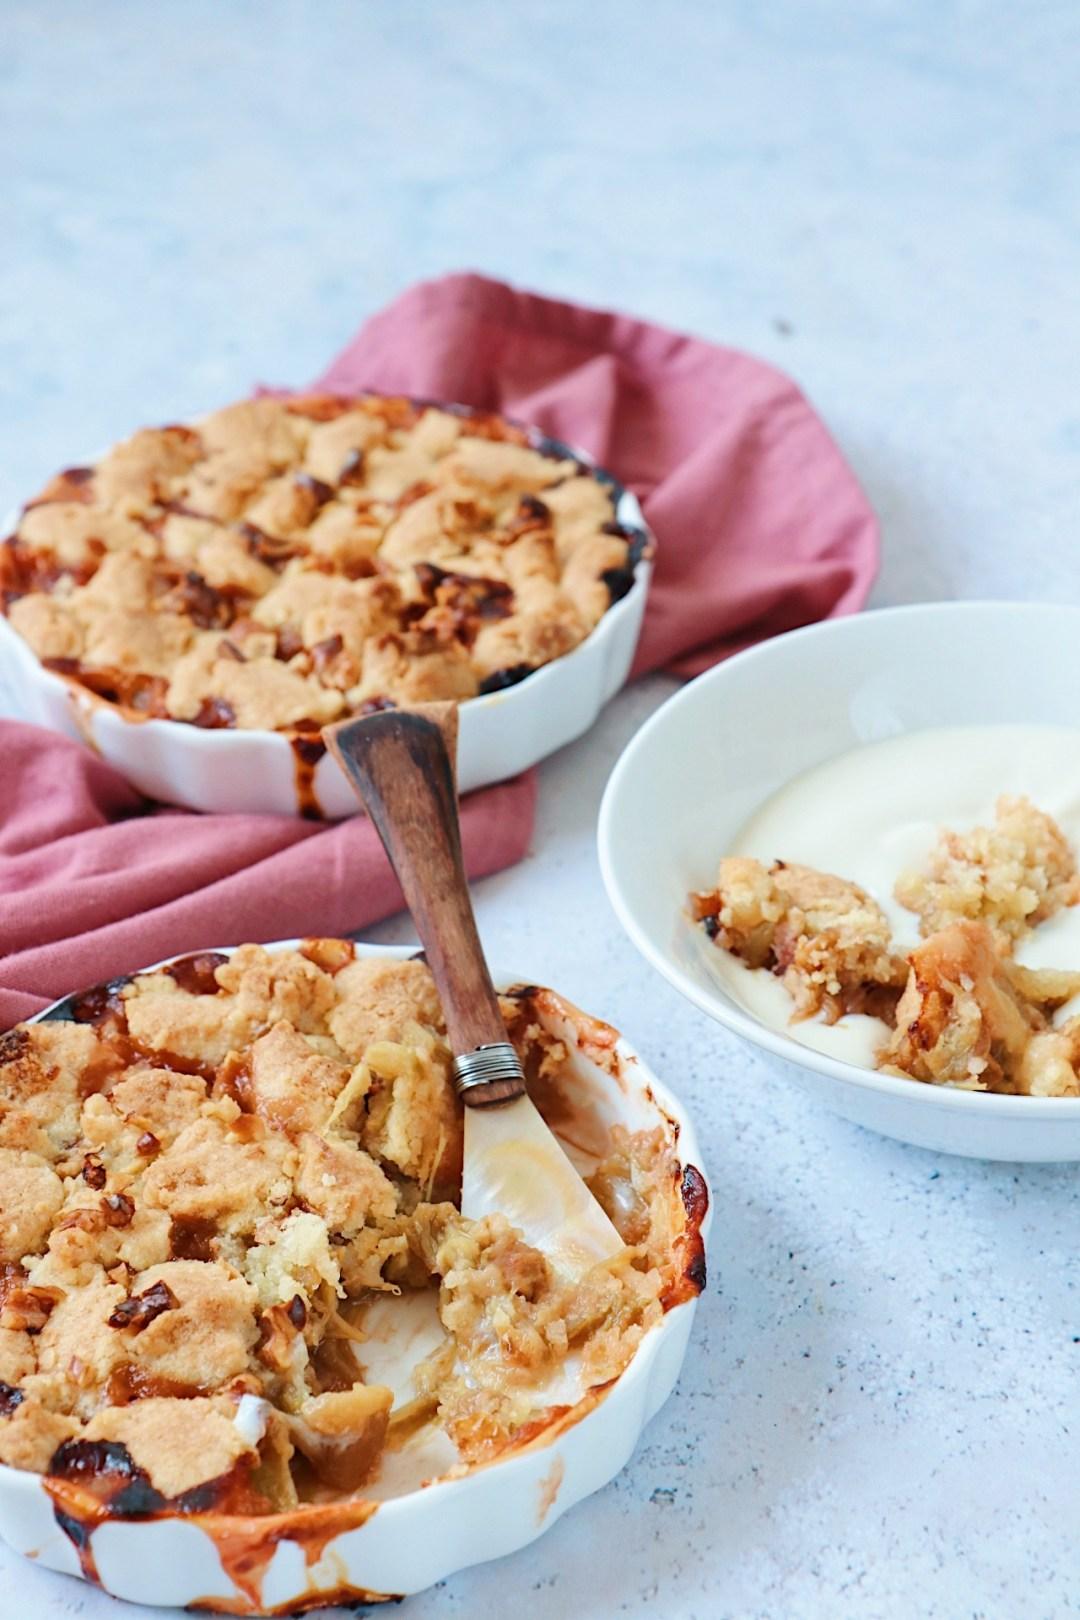 Recept rabarber crumble met walnoten www.jaimyskitchen.nl